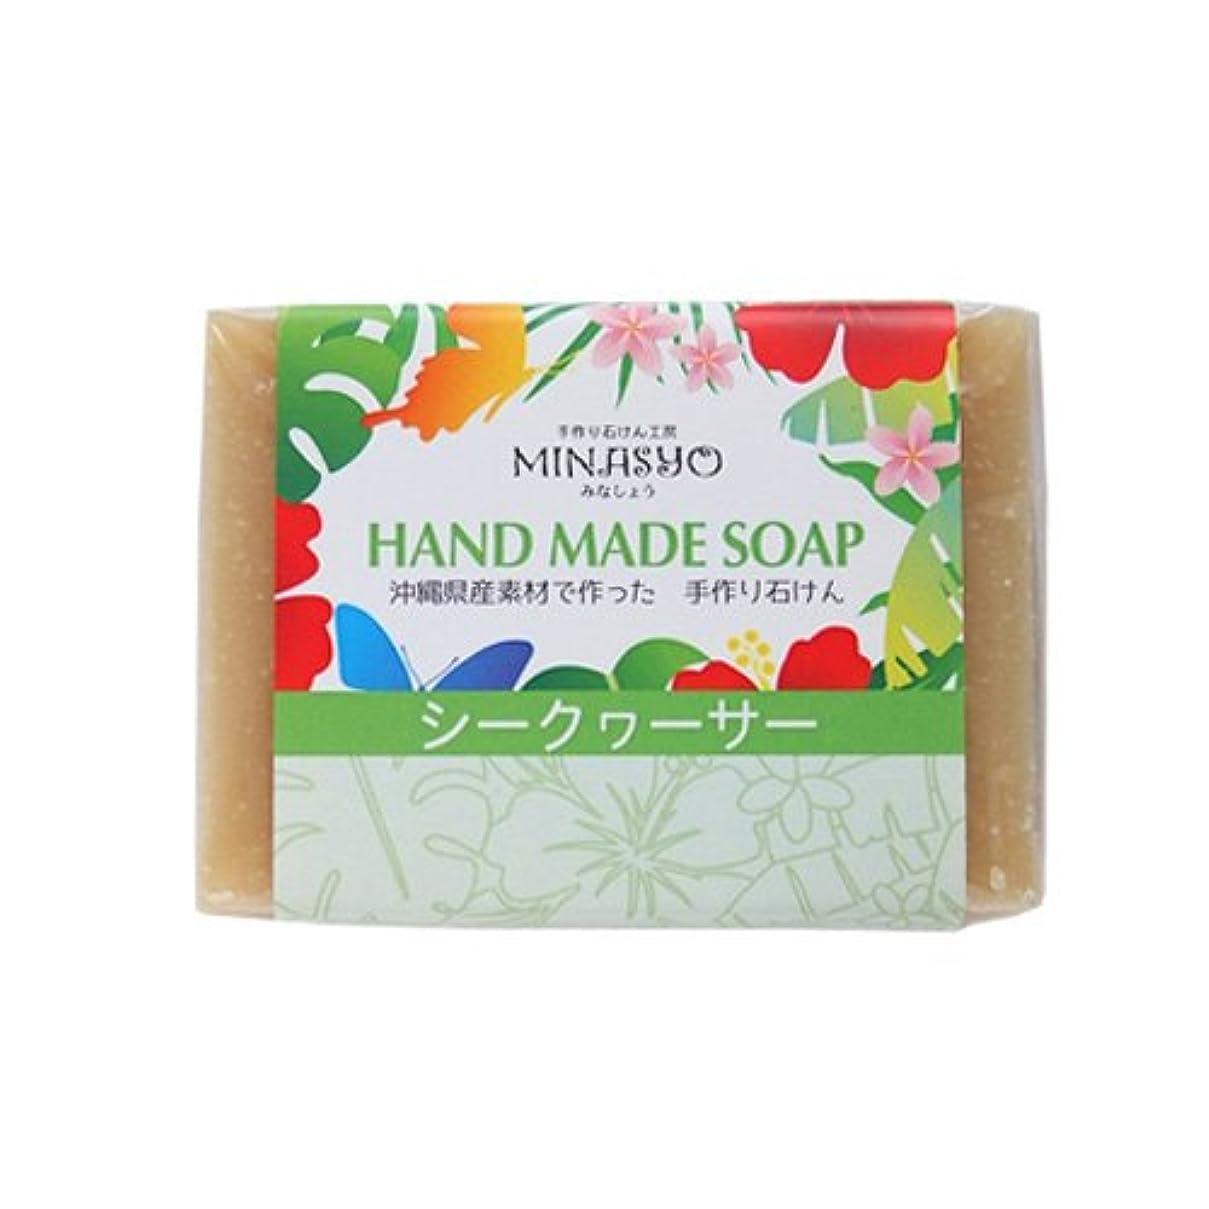 スキー口述する熟達した洗顔石鹸 無添加 固形ハンドソープ ボディソープ 手作りシークワーサー石鹸